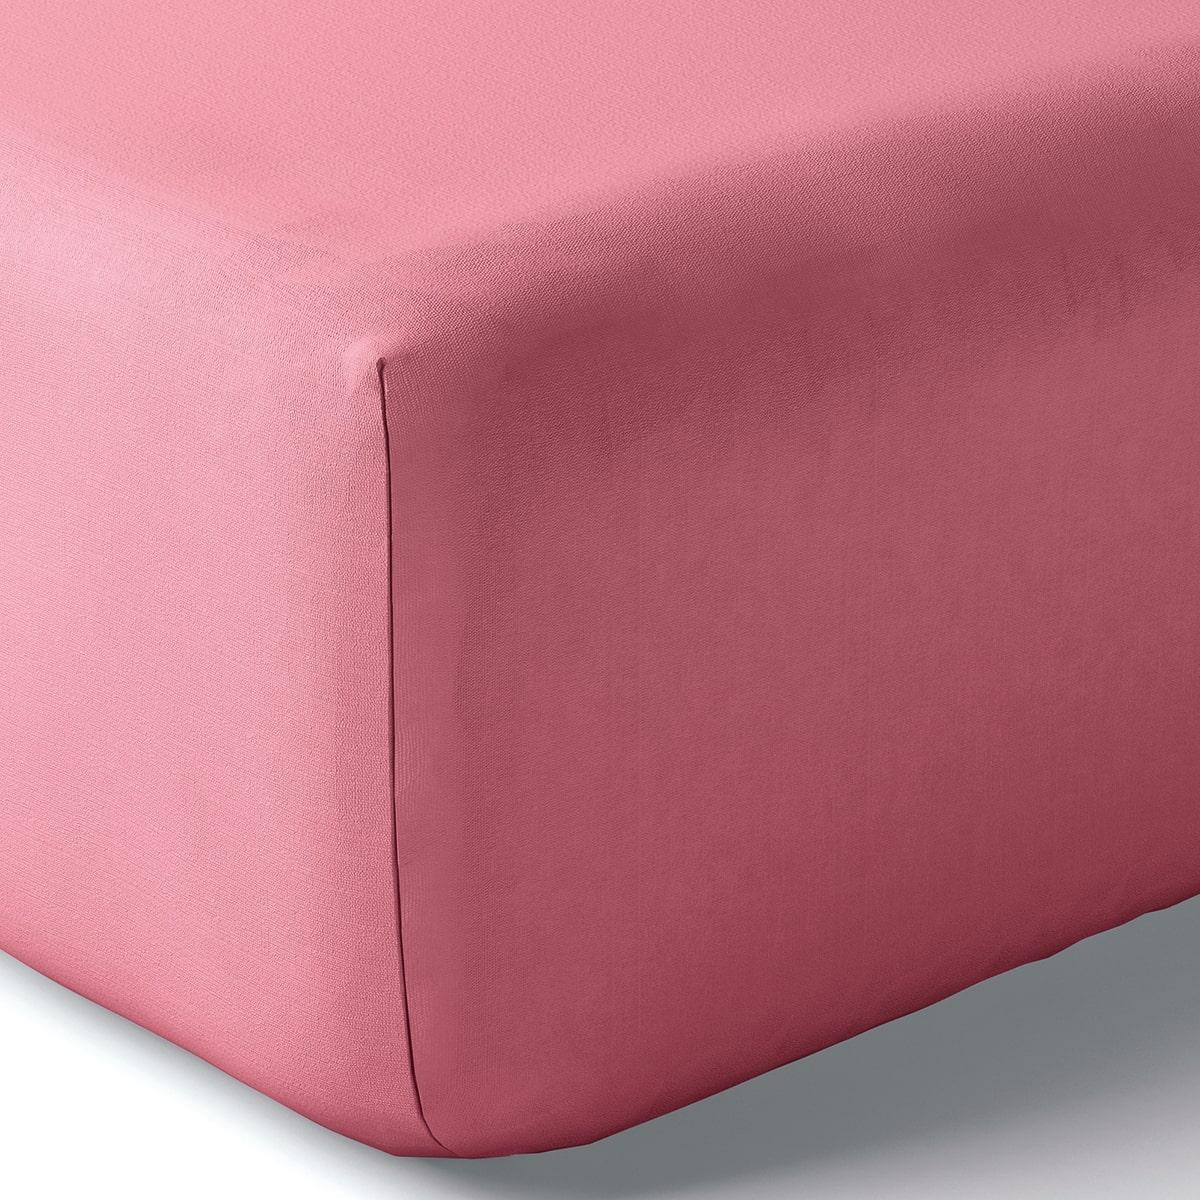 Drap housse coton 90x200 cm pivoine